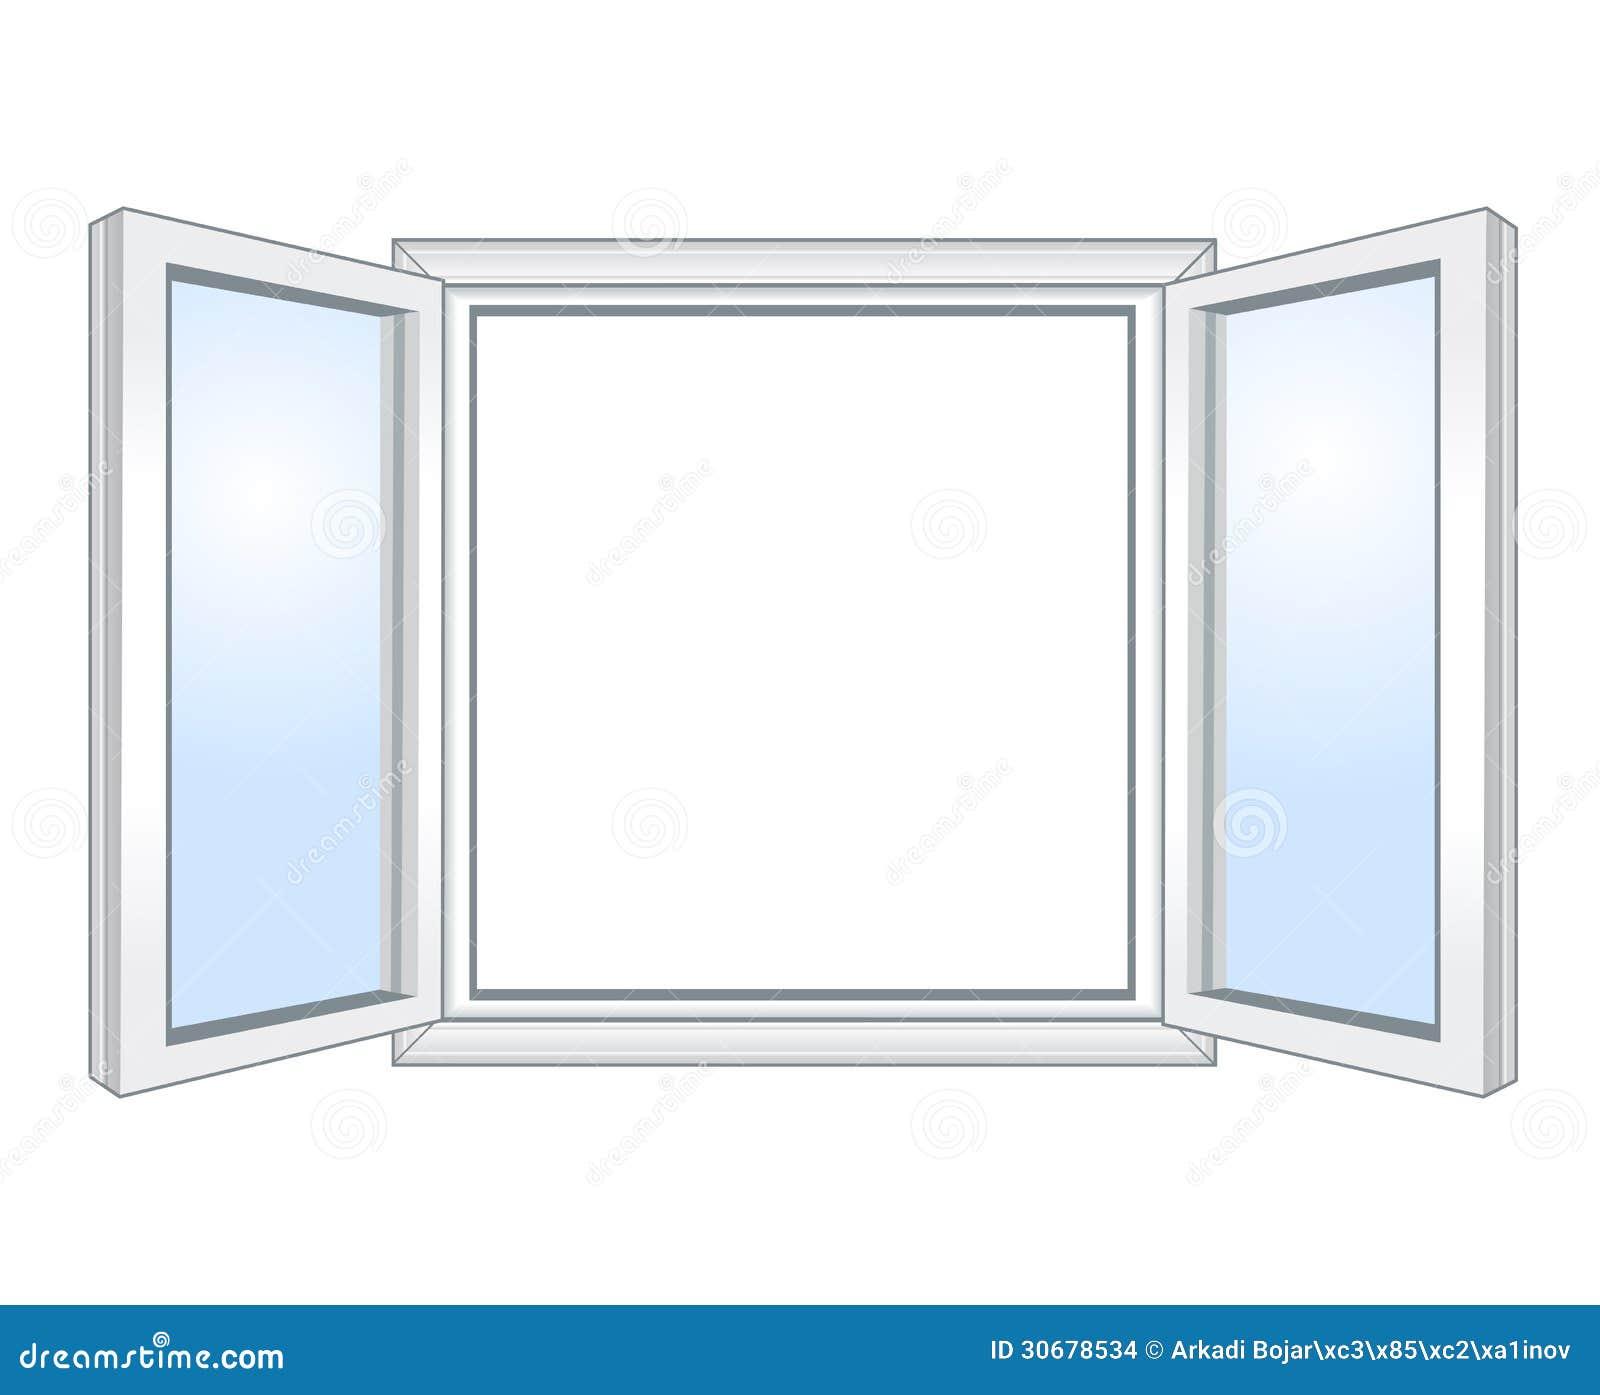 Offenes fenster  Breites Offenes Fenster Stockbilder - Bild: 30678534